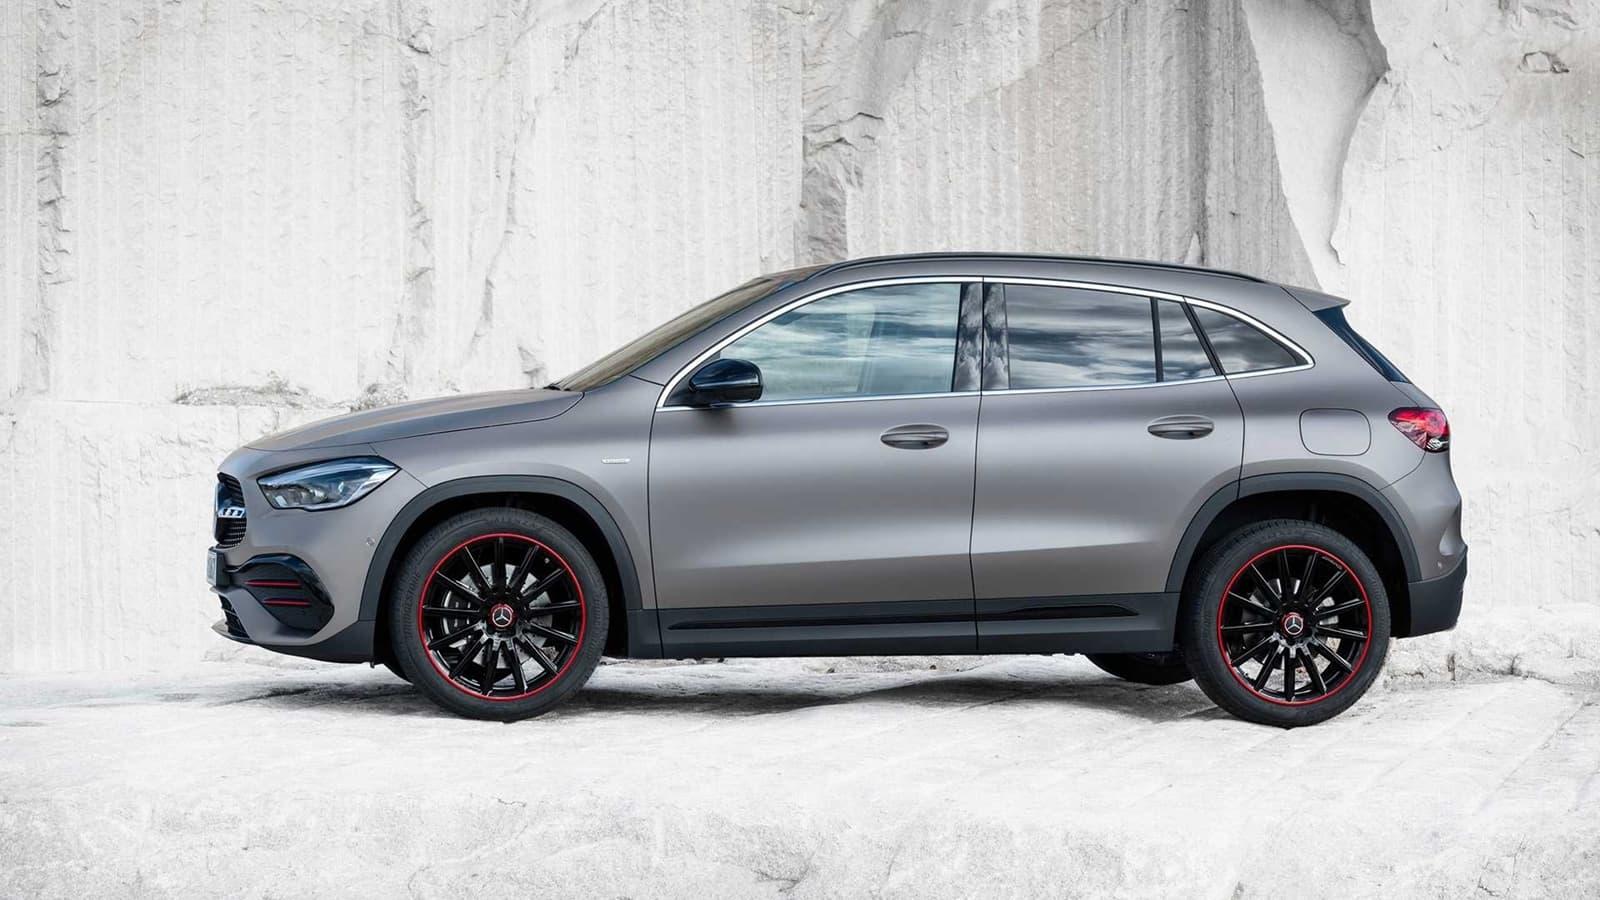 Mercedes Gla 2020 1219 008